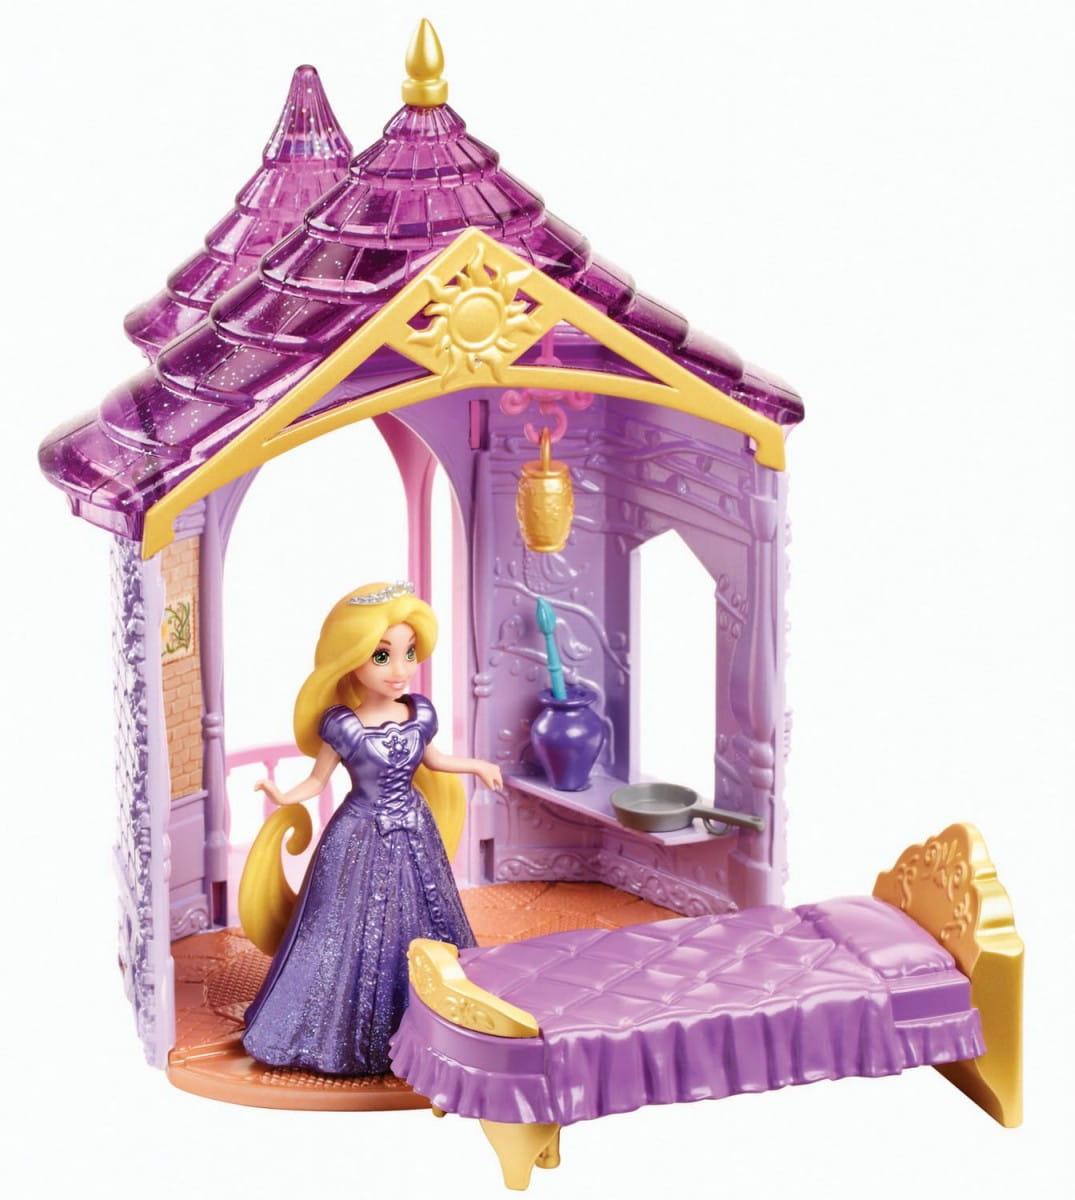 Игровой набор Disney Princess BDJ97 Комната Принцессы Рапунцель с аксессуарами (Mattel)